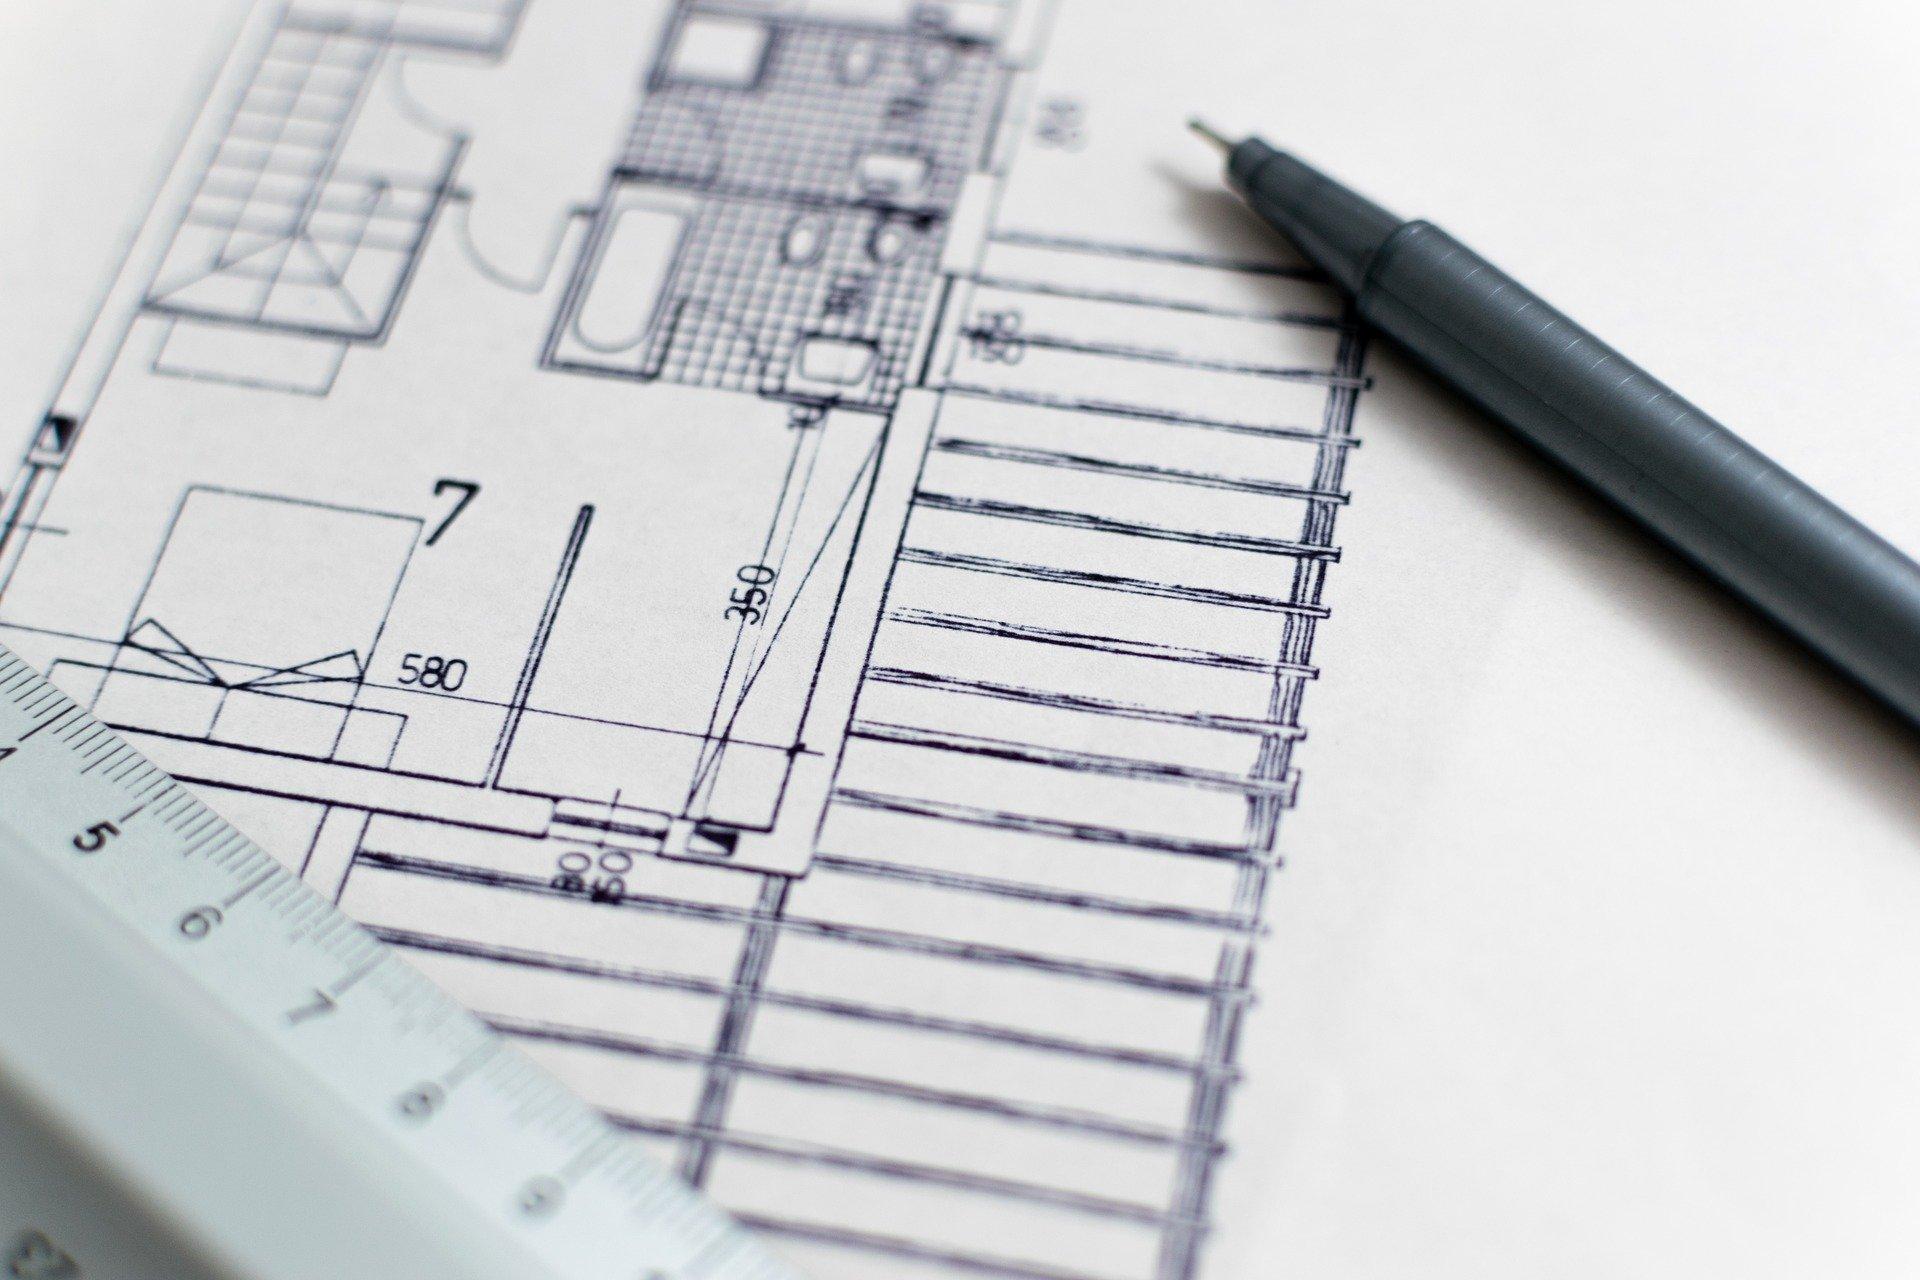 Non conformité des travaux achevés au permis de construire: possibilité de demander un permis de construire modificatif